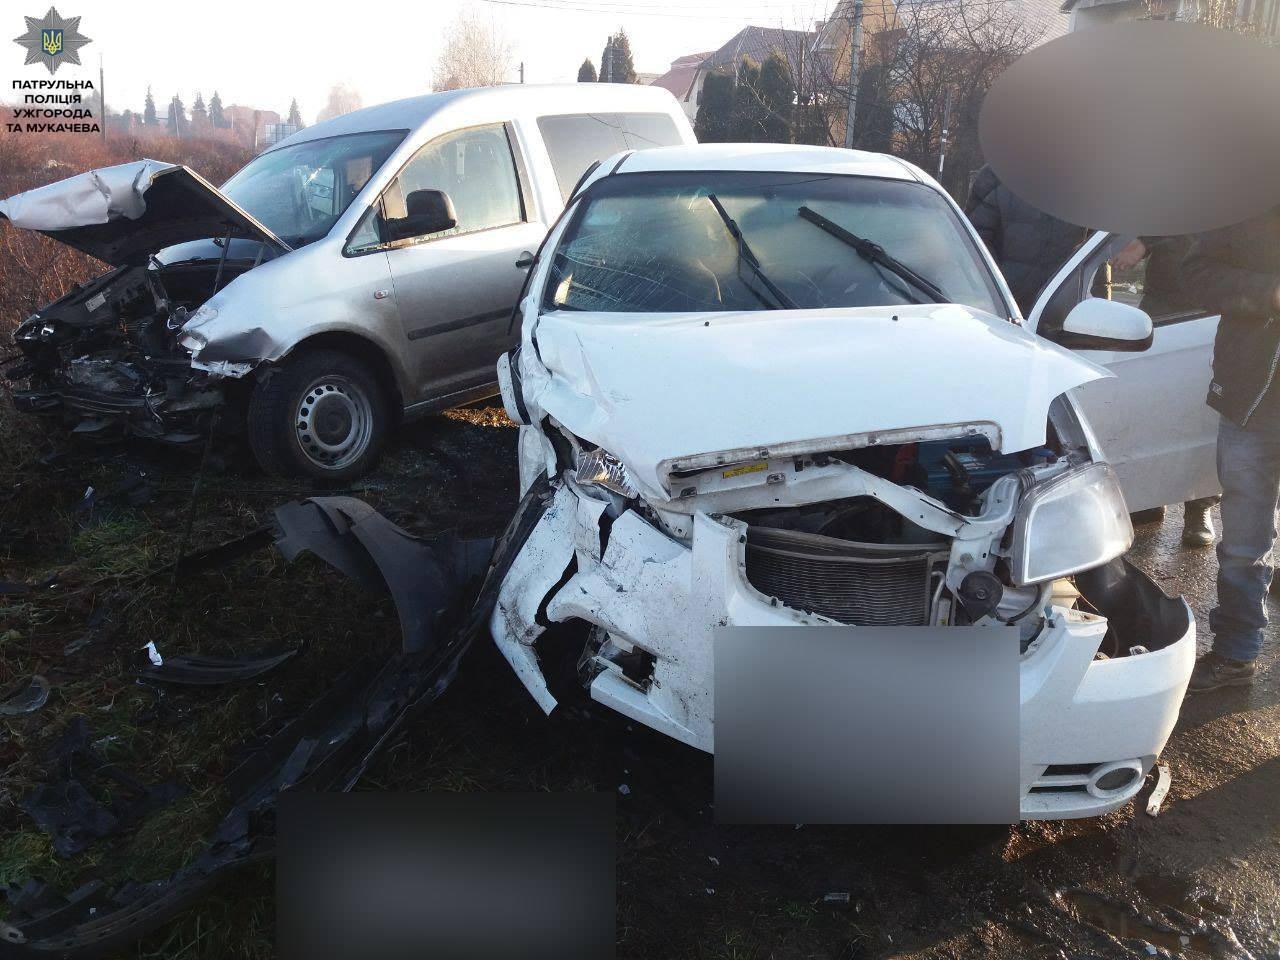 У Мукачеві сталася аварія. Постраждала жінка